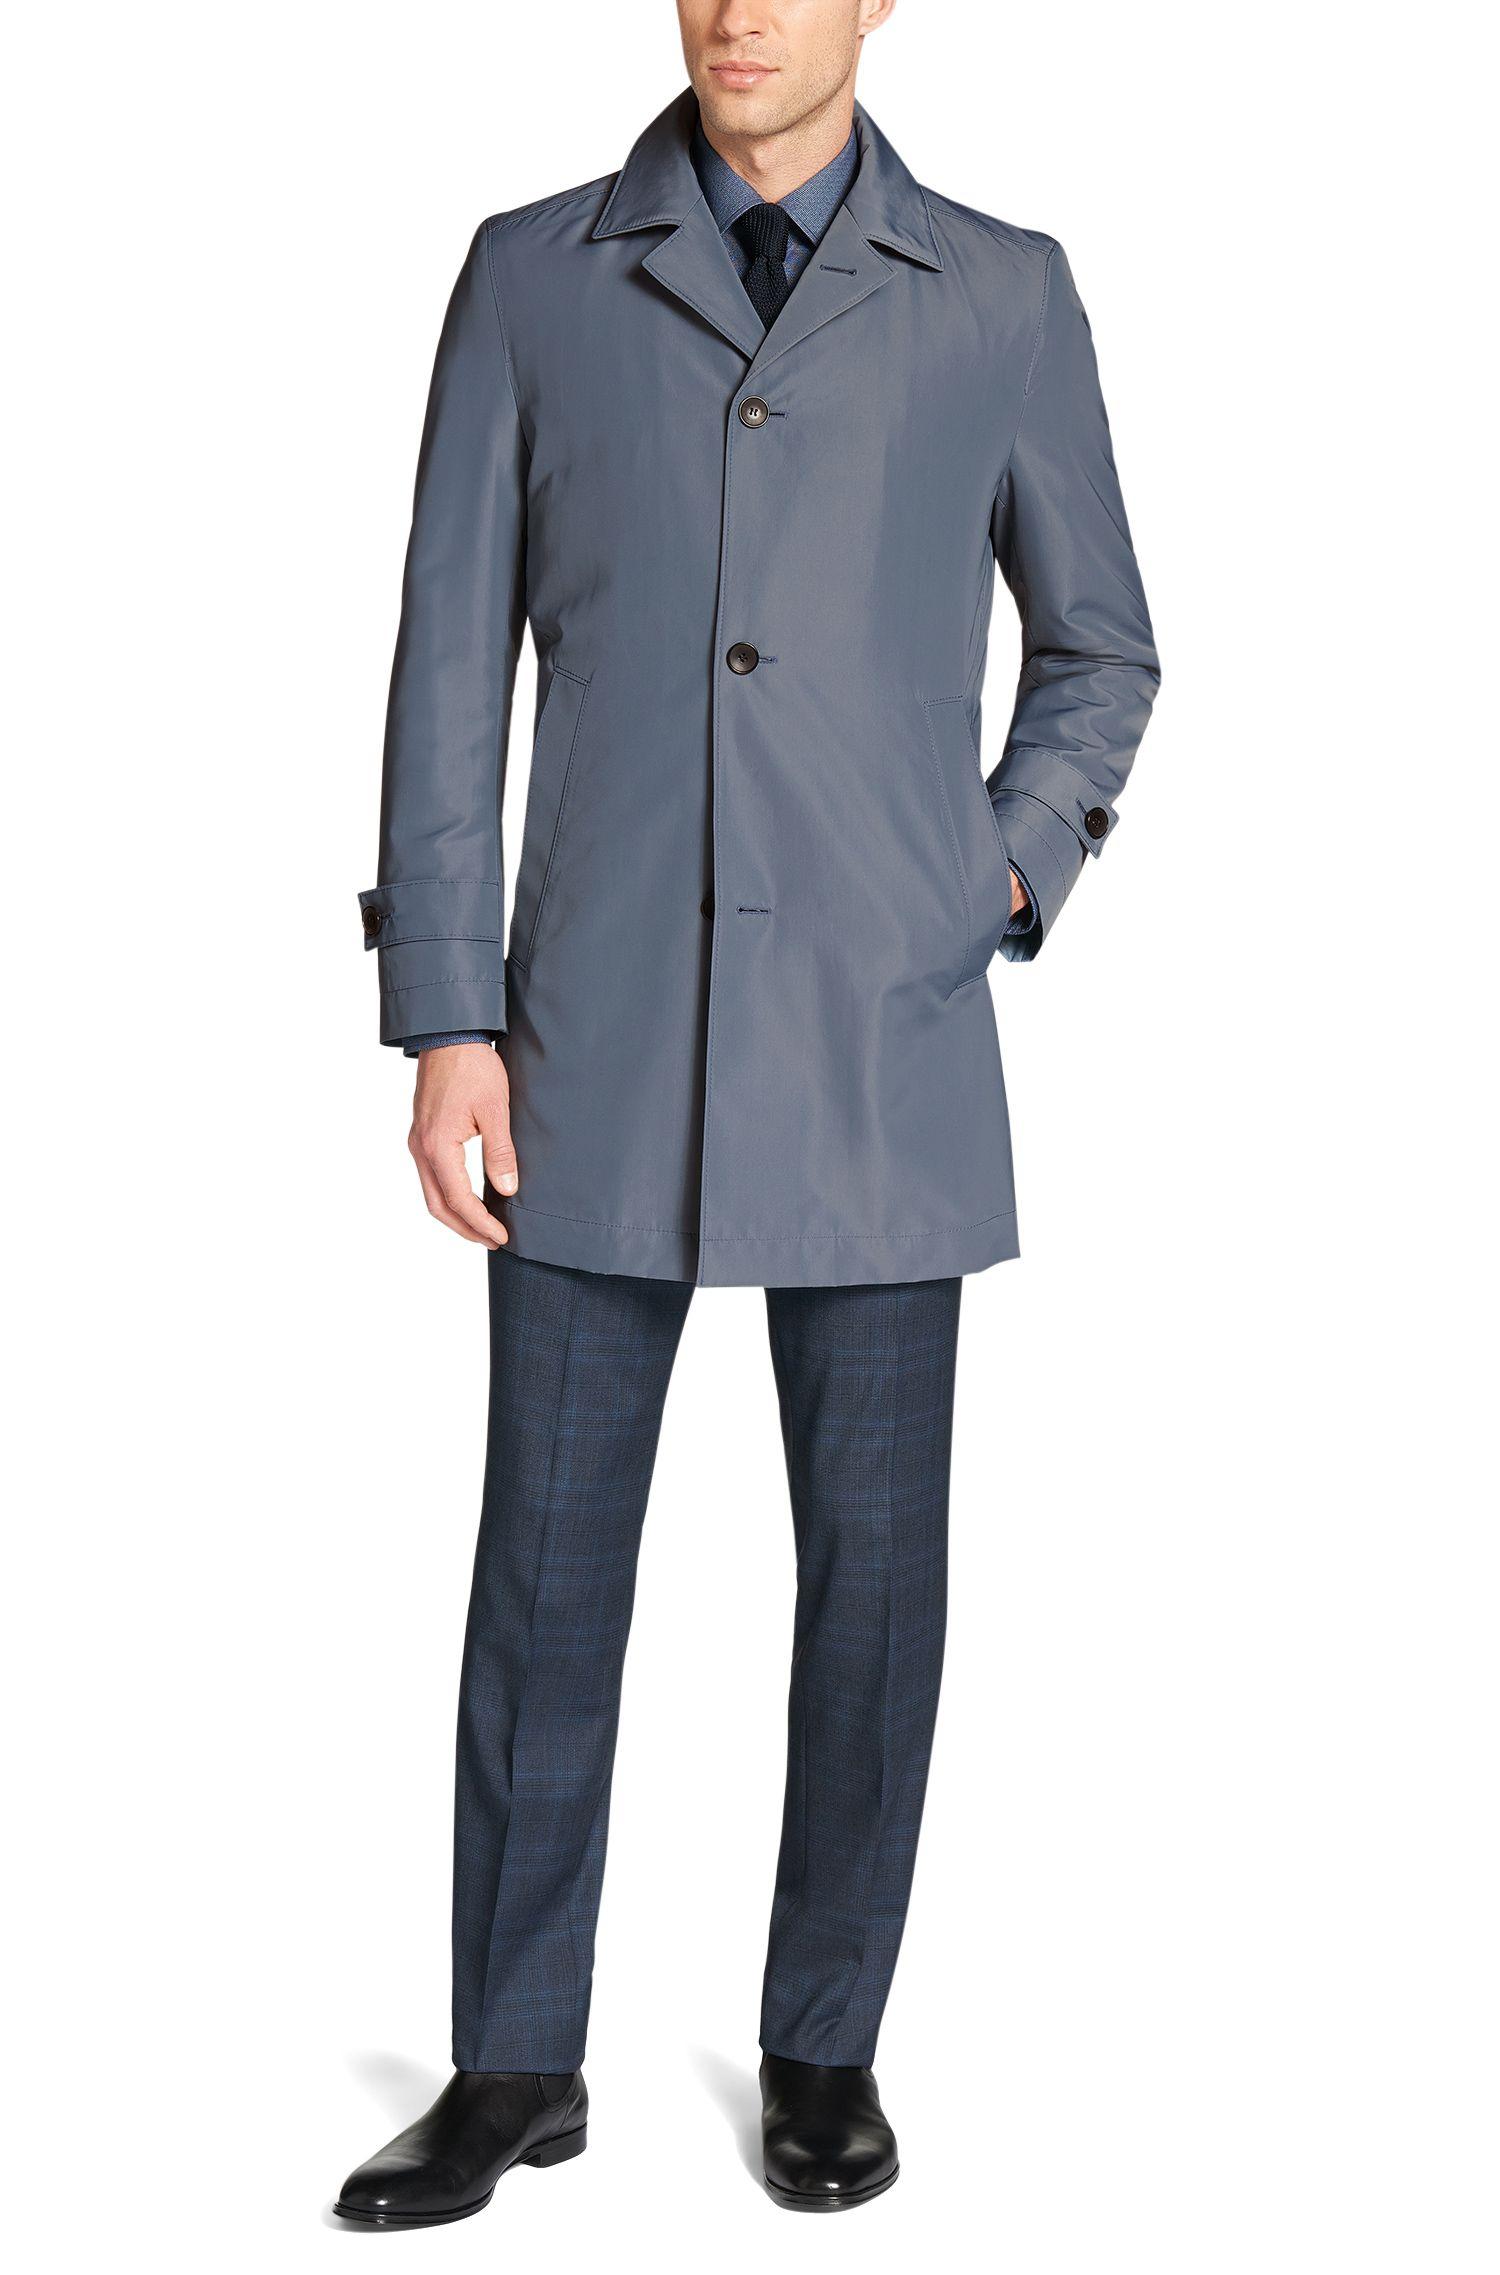 En diseño de corte recto que tiene un punto clásico gracias a los cierres en los hombros y mangas, además del cuello con solapa. Este abrigo conjunto combina fácilmente con estilos muy diferentes.